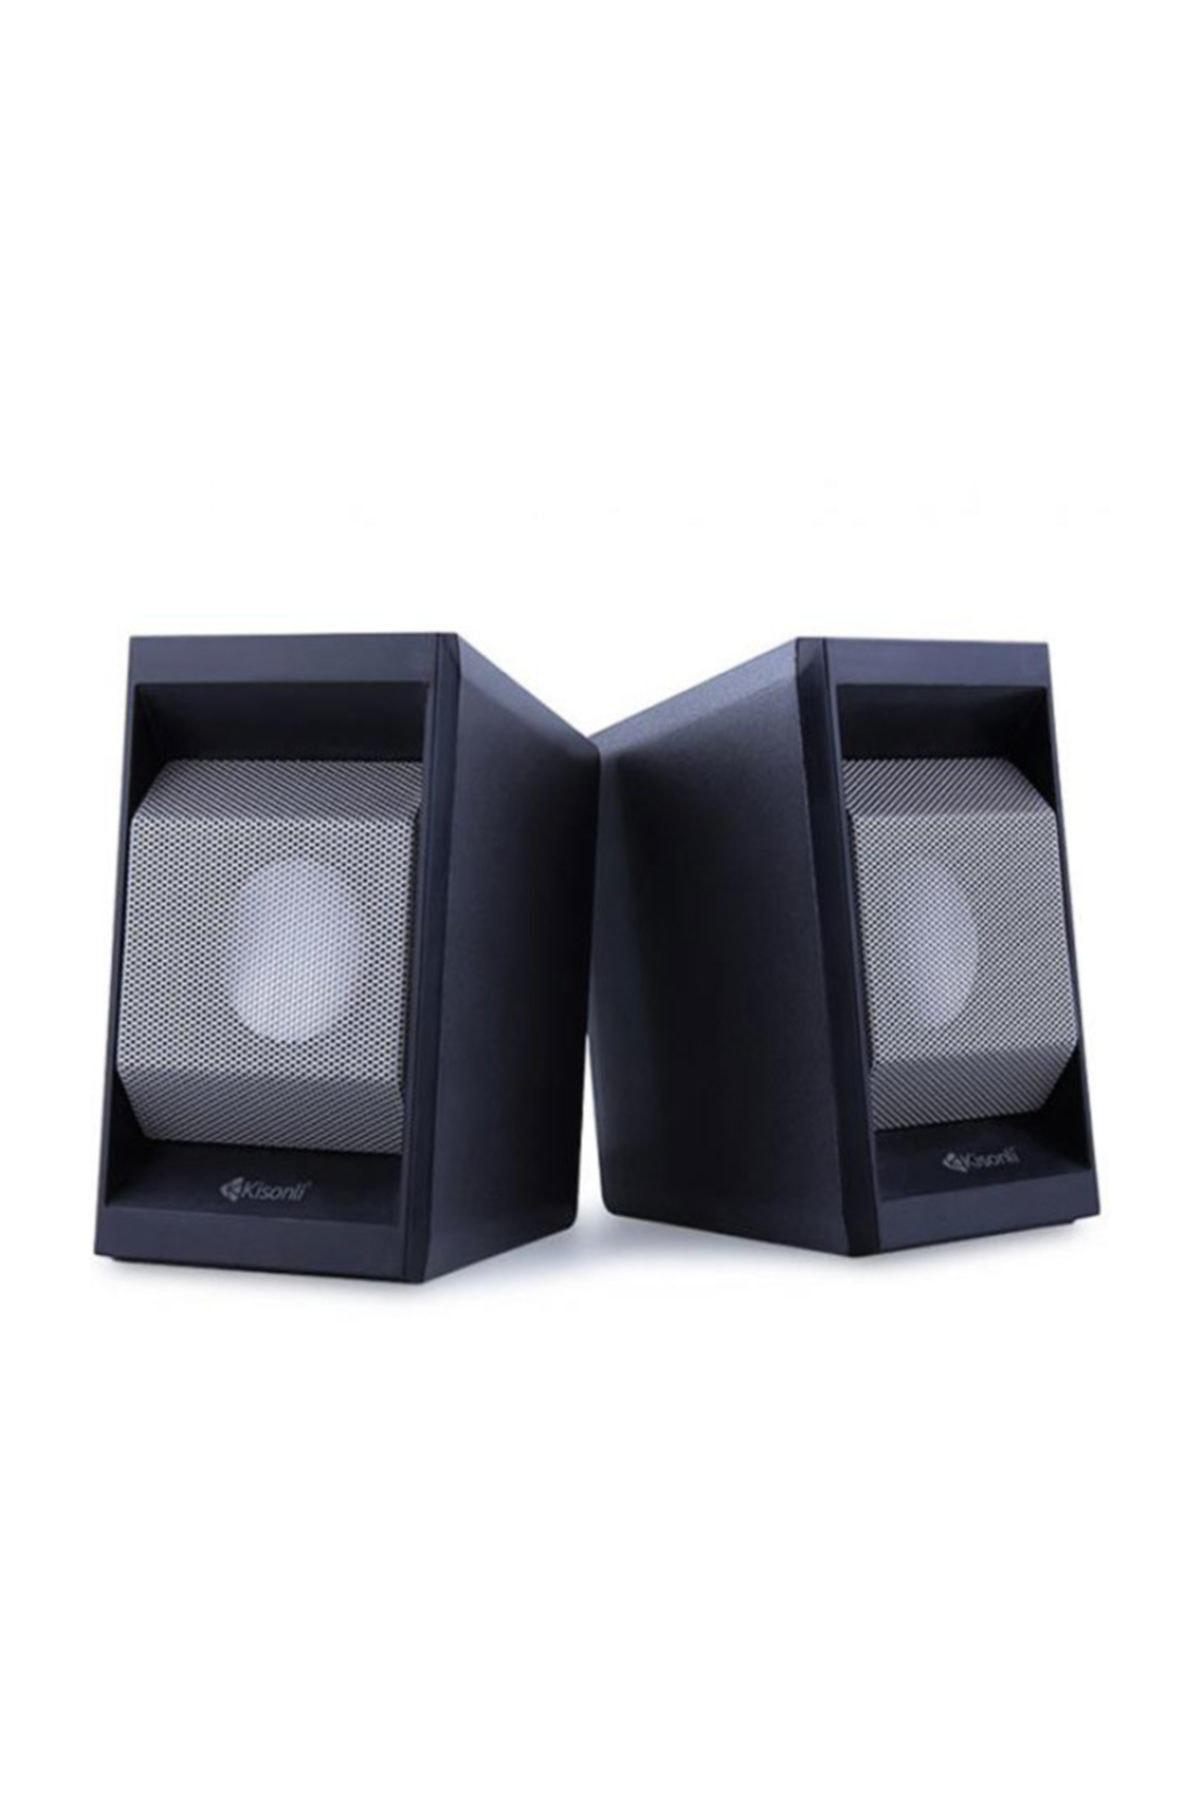 T G Bilgisayar Hoparlör Premium Kalite Super Bass Usb Speaker Kisonli T-006  Fiyatı, Yorumları - TRENDYOL